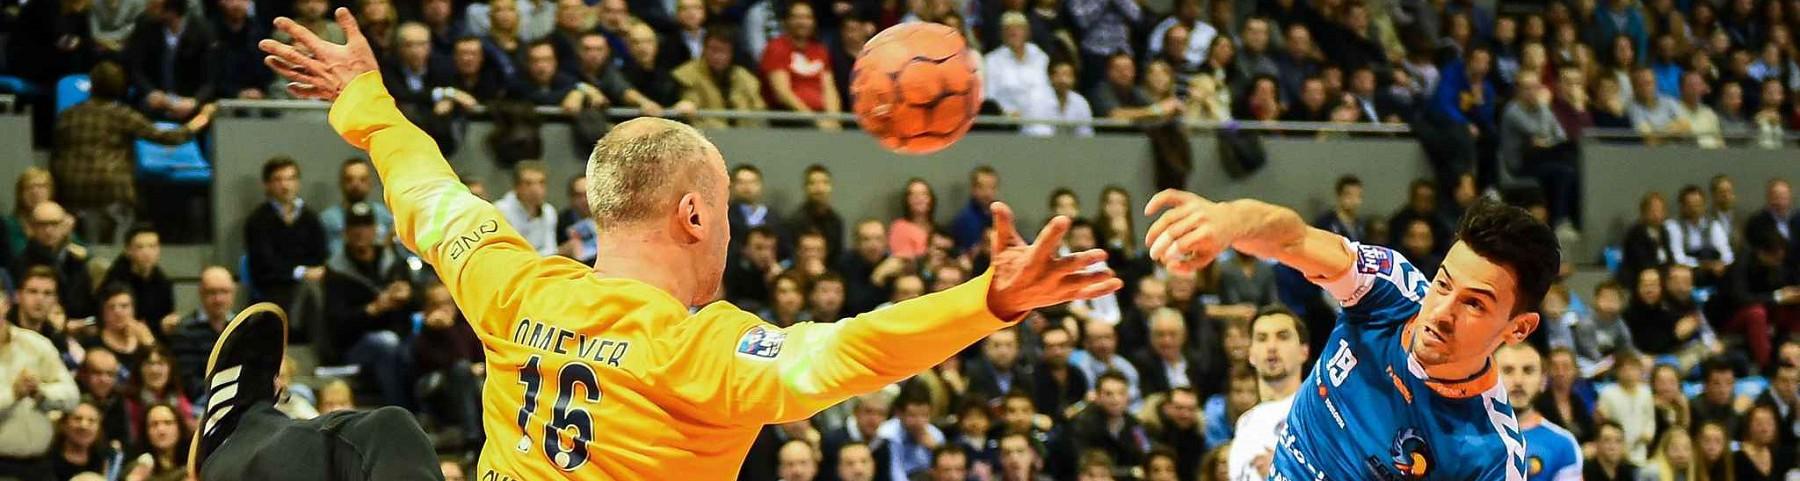 Gardien-handball.fr